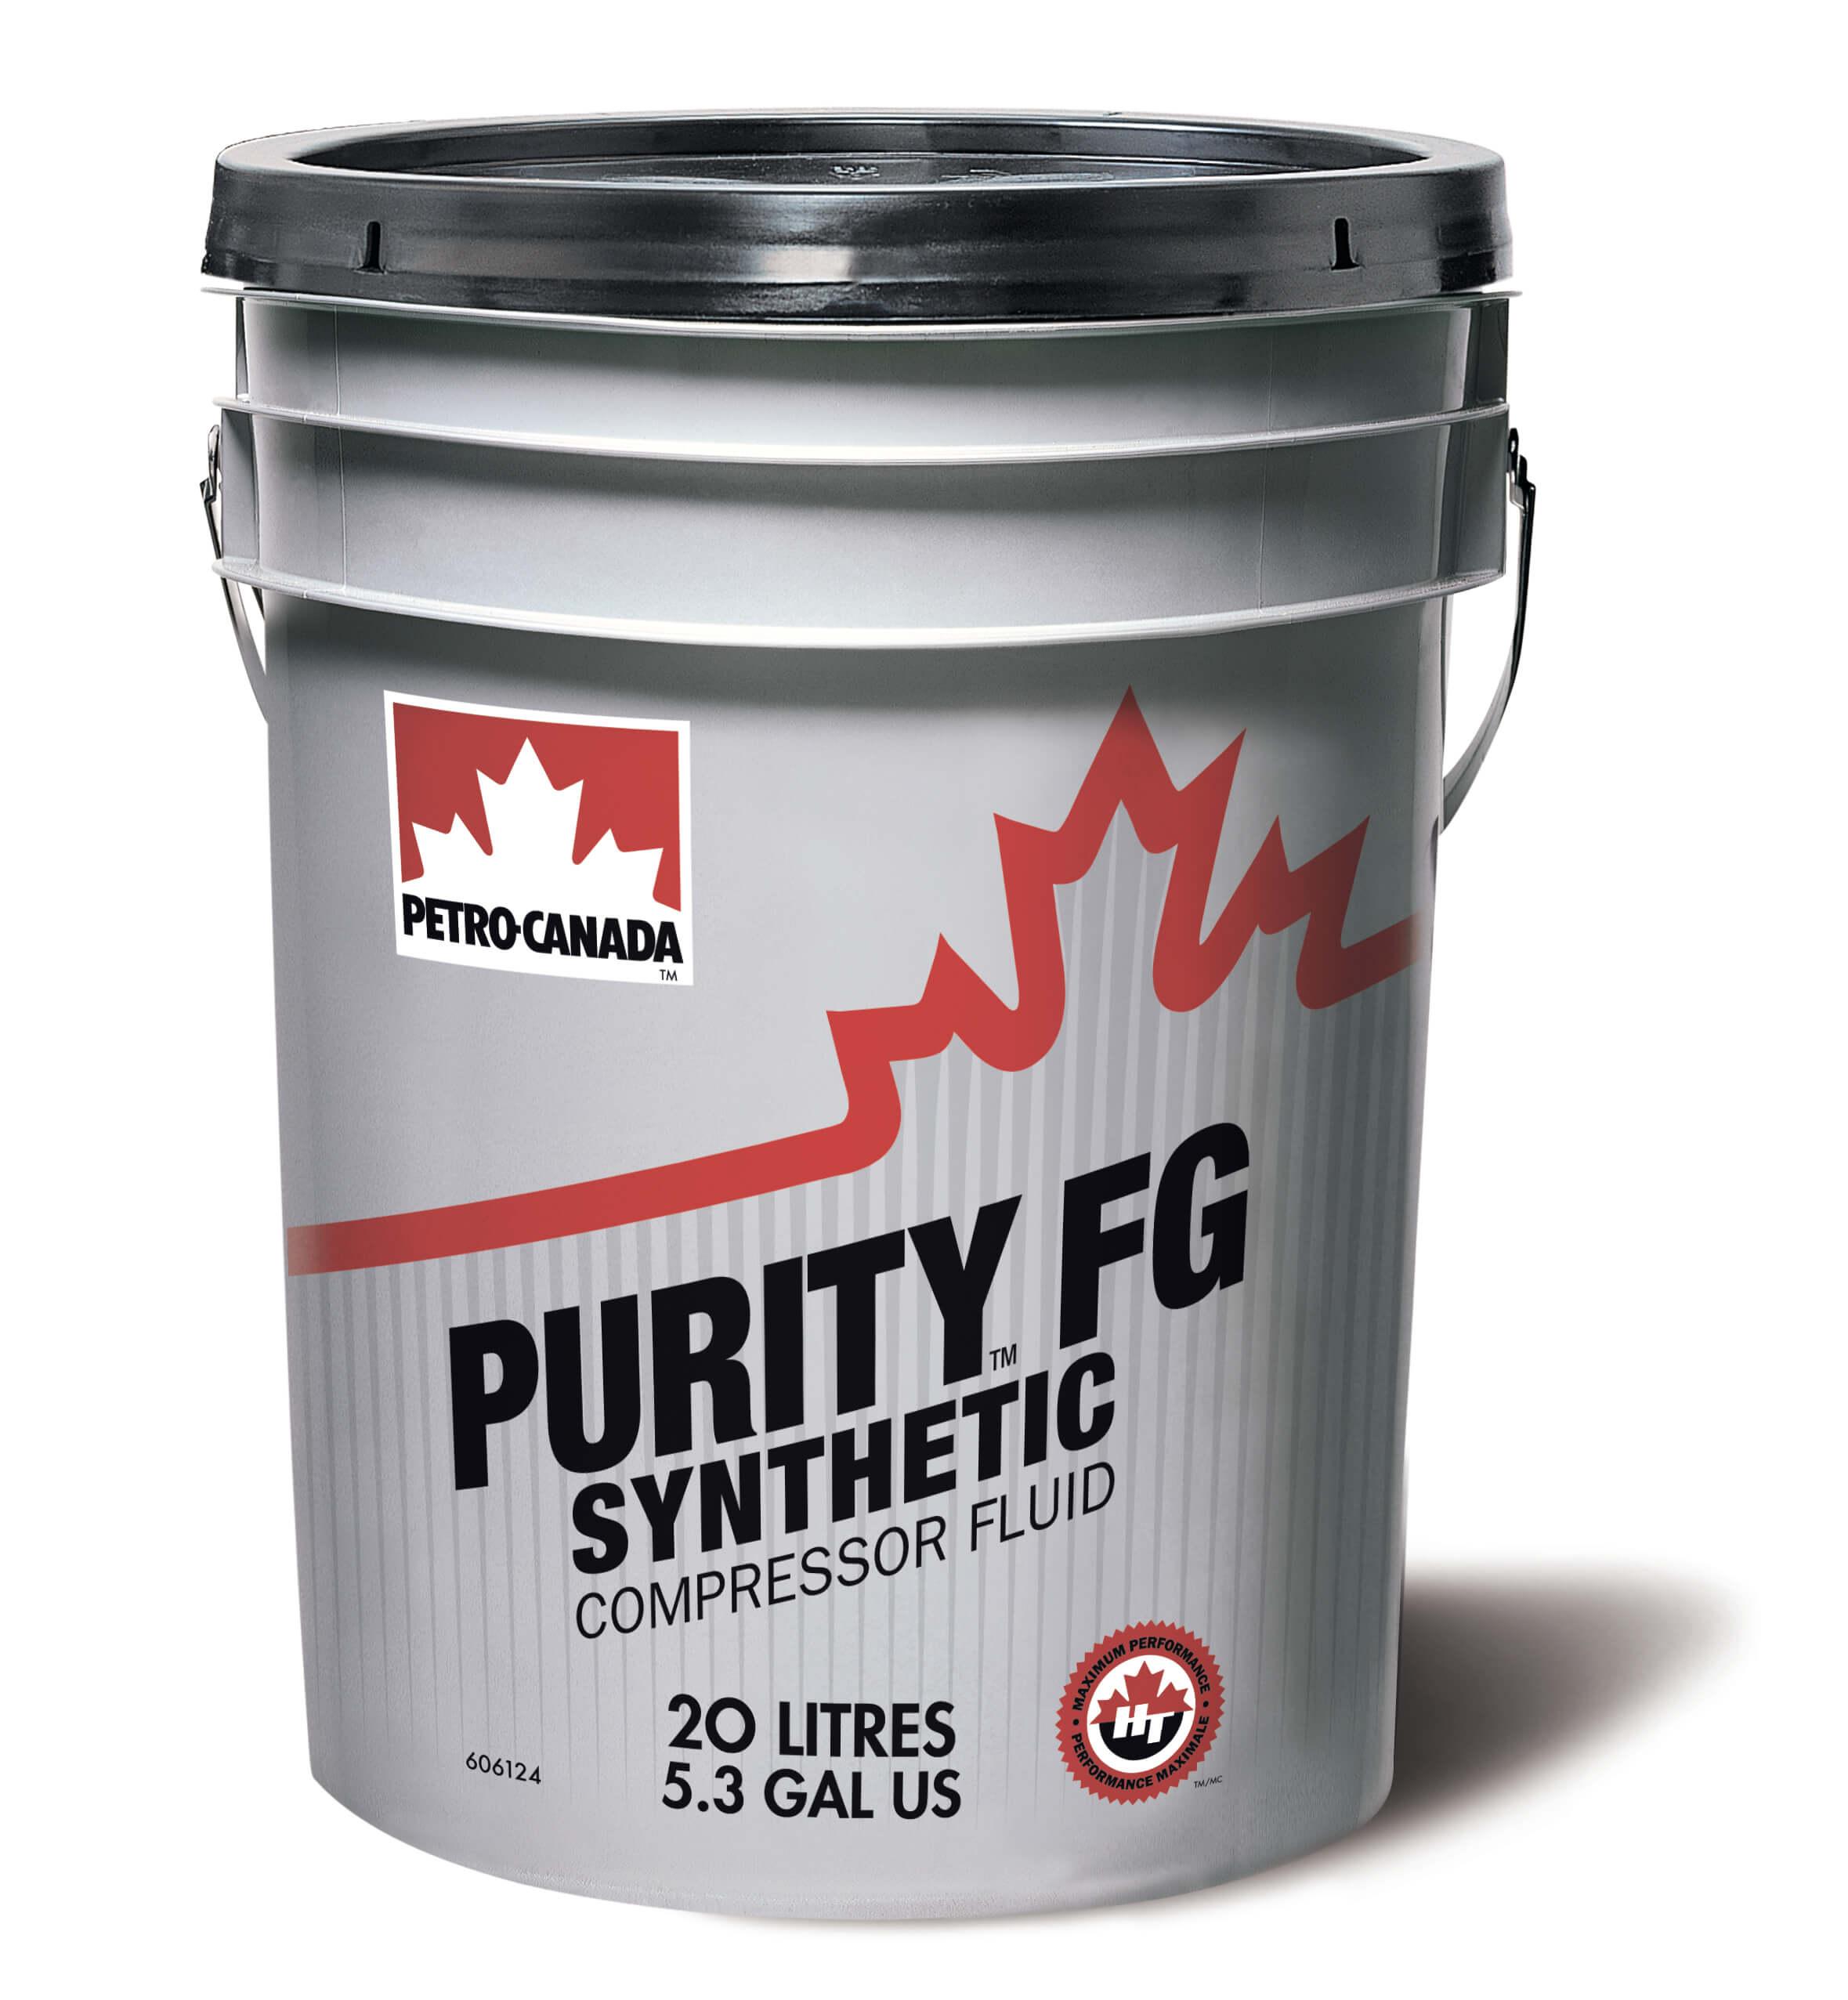 Petro-Canada Purity FG Compressor Fluid 68